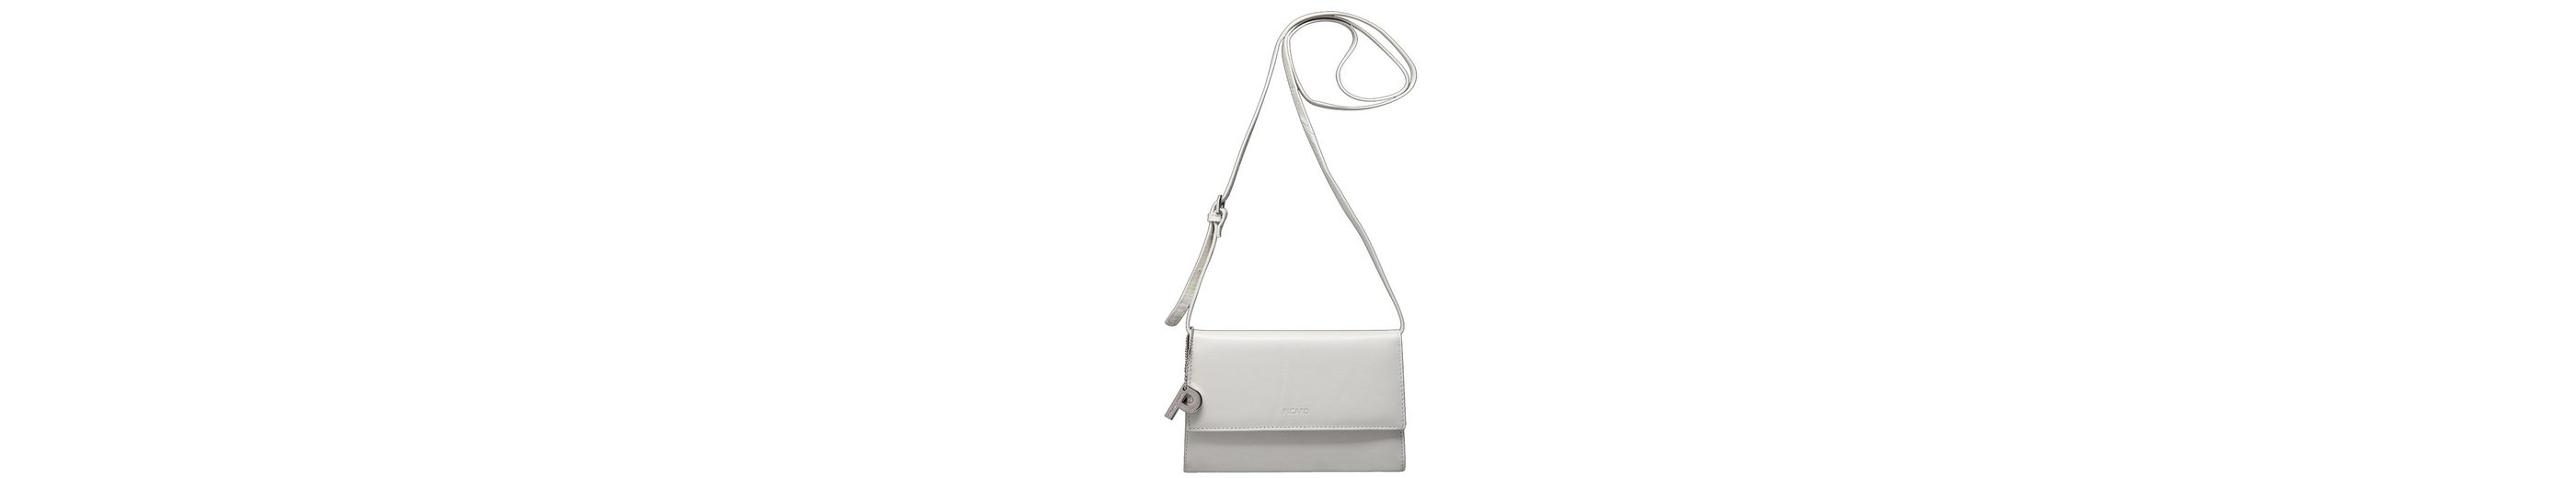 Picard Auguri Mini Bag Umhängetasche Leder 19 cm Großer Verkauf Besuchen Verkauf Online Günstig Kaufen Neue Authentisch Billig Verkauf 2018 Bqz5vNWX